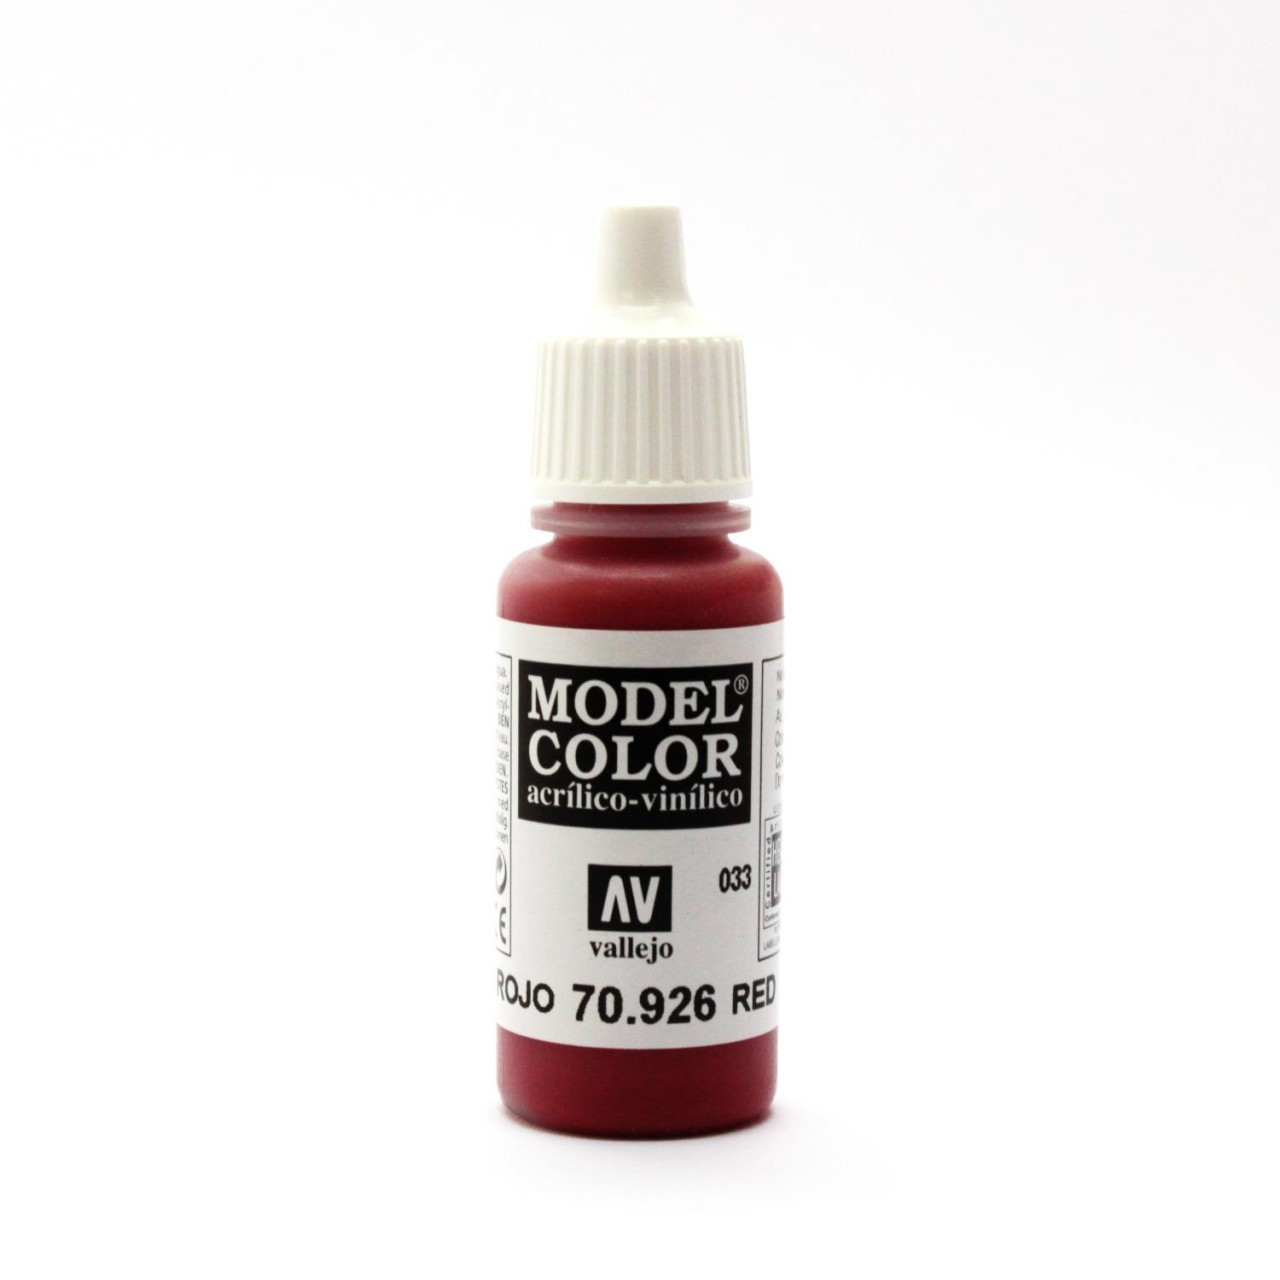 Vallejo Vinyl Acrylic Paint